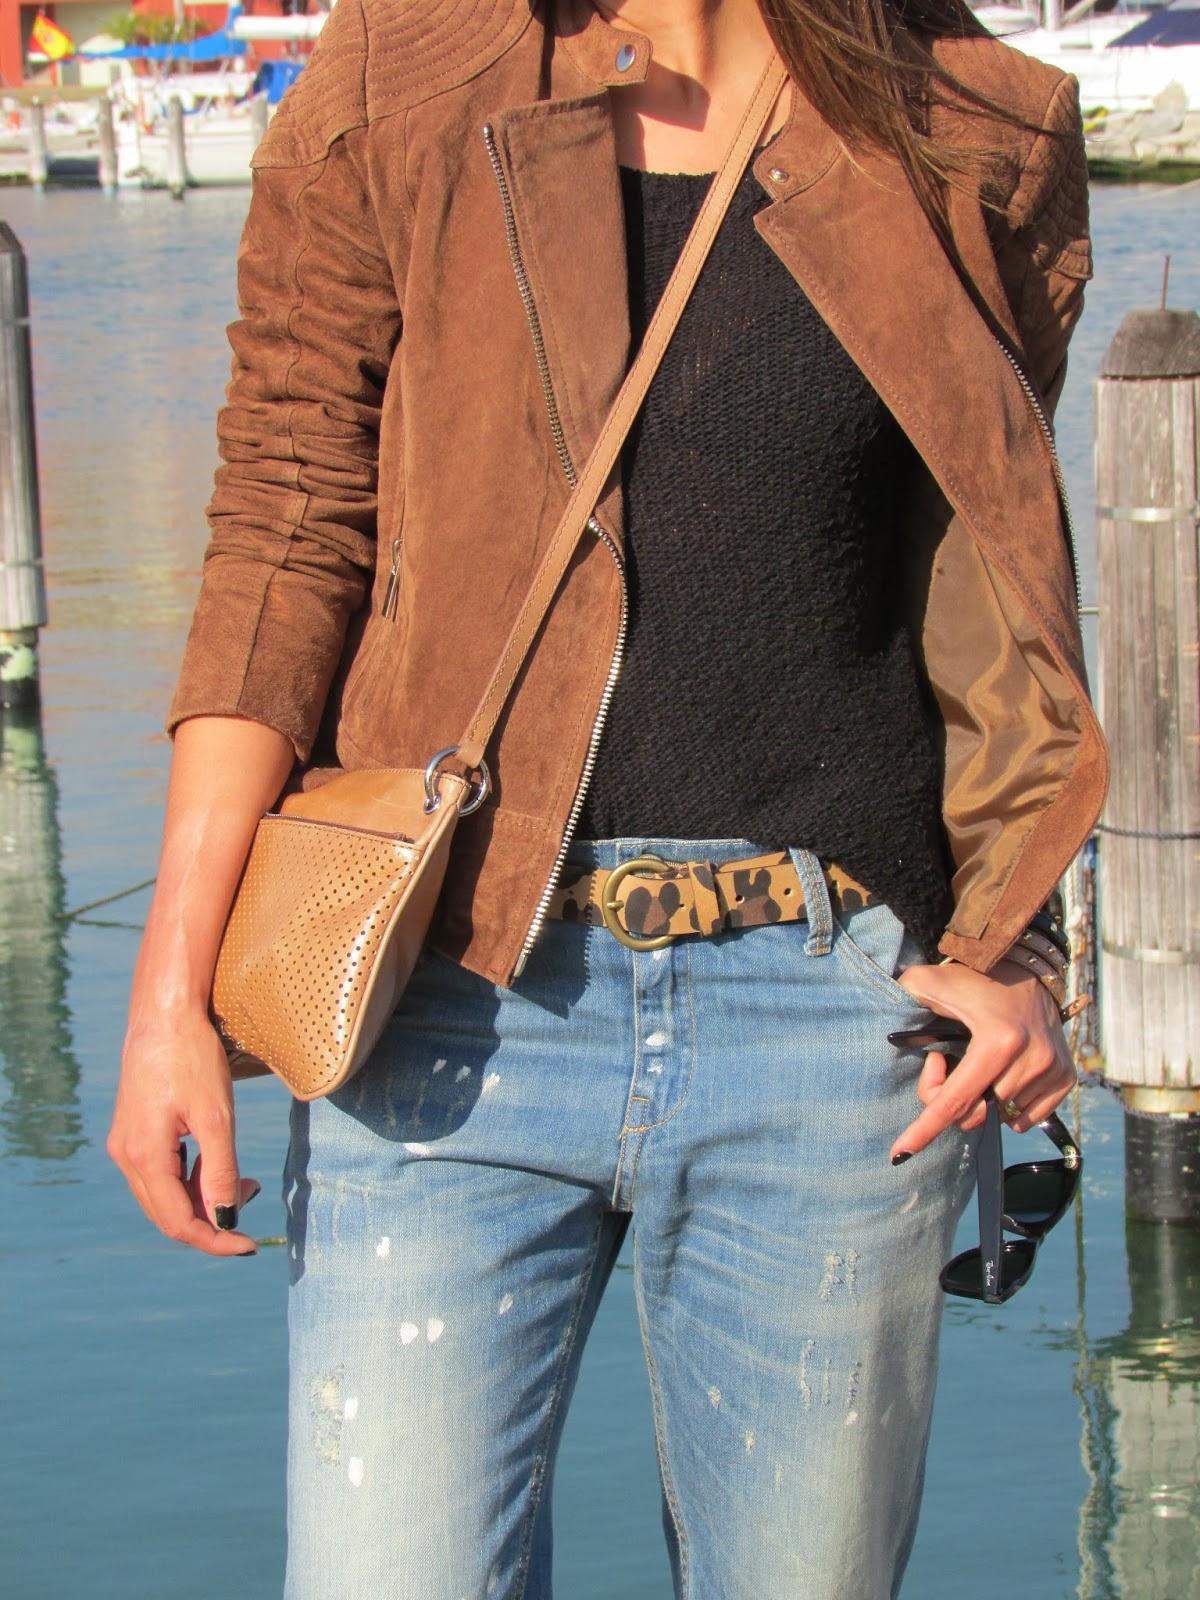 street style cristina style blogger malagueña fashion blogger malaga tendencias moda zara mango gorgeous lovely outfit looks style fashion inspiration